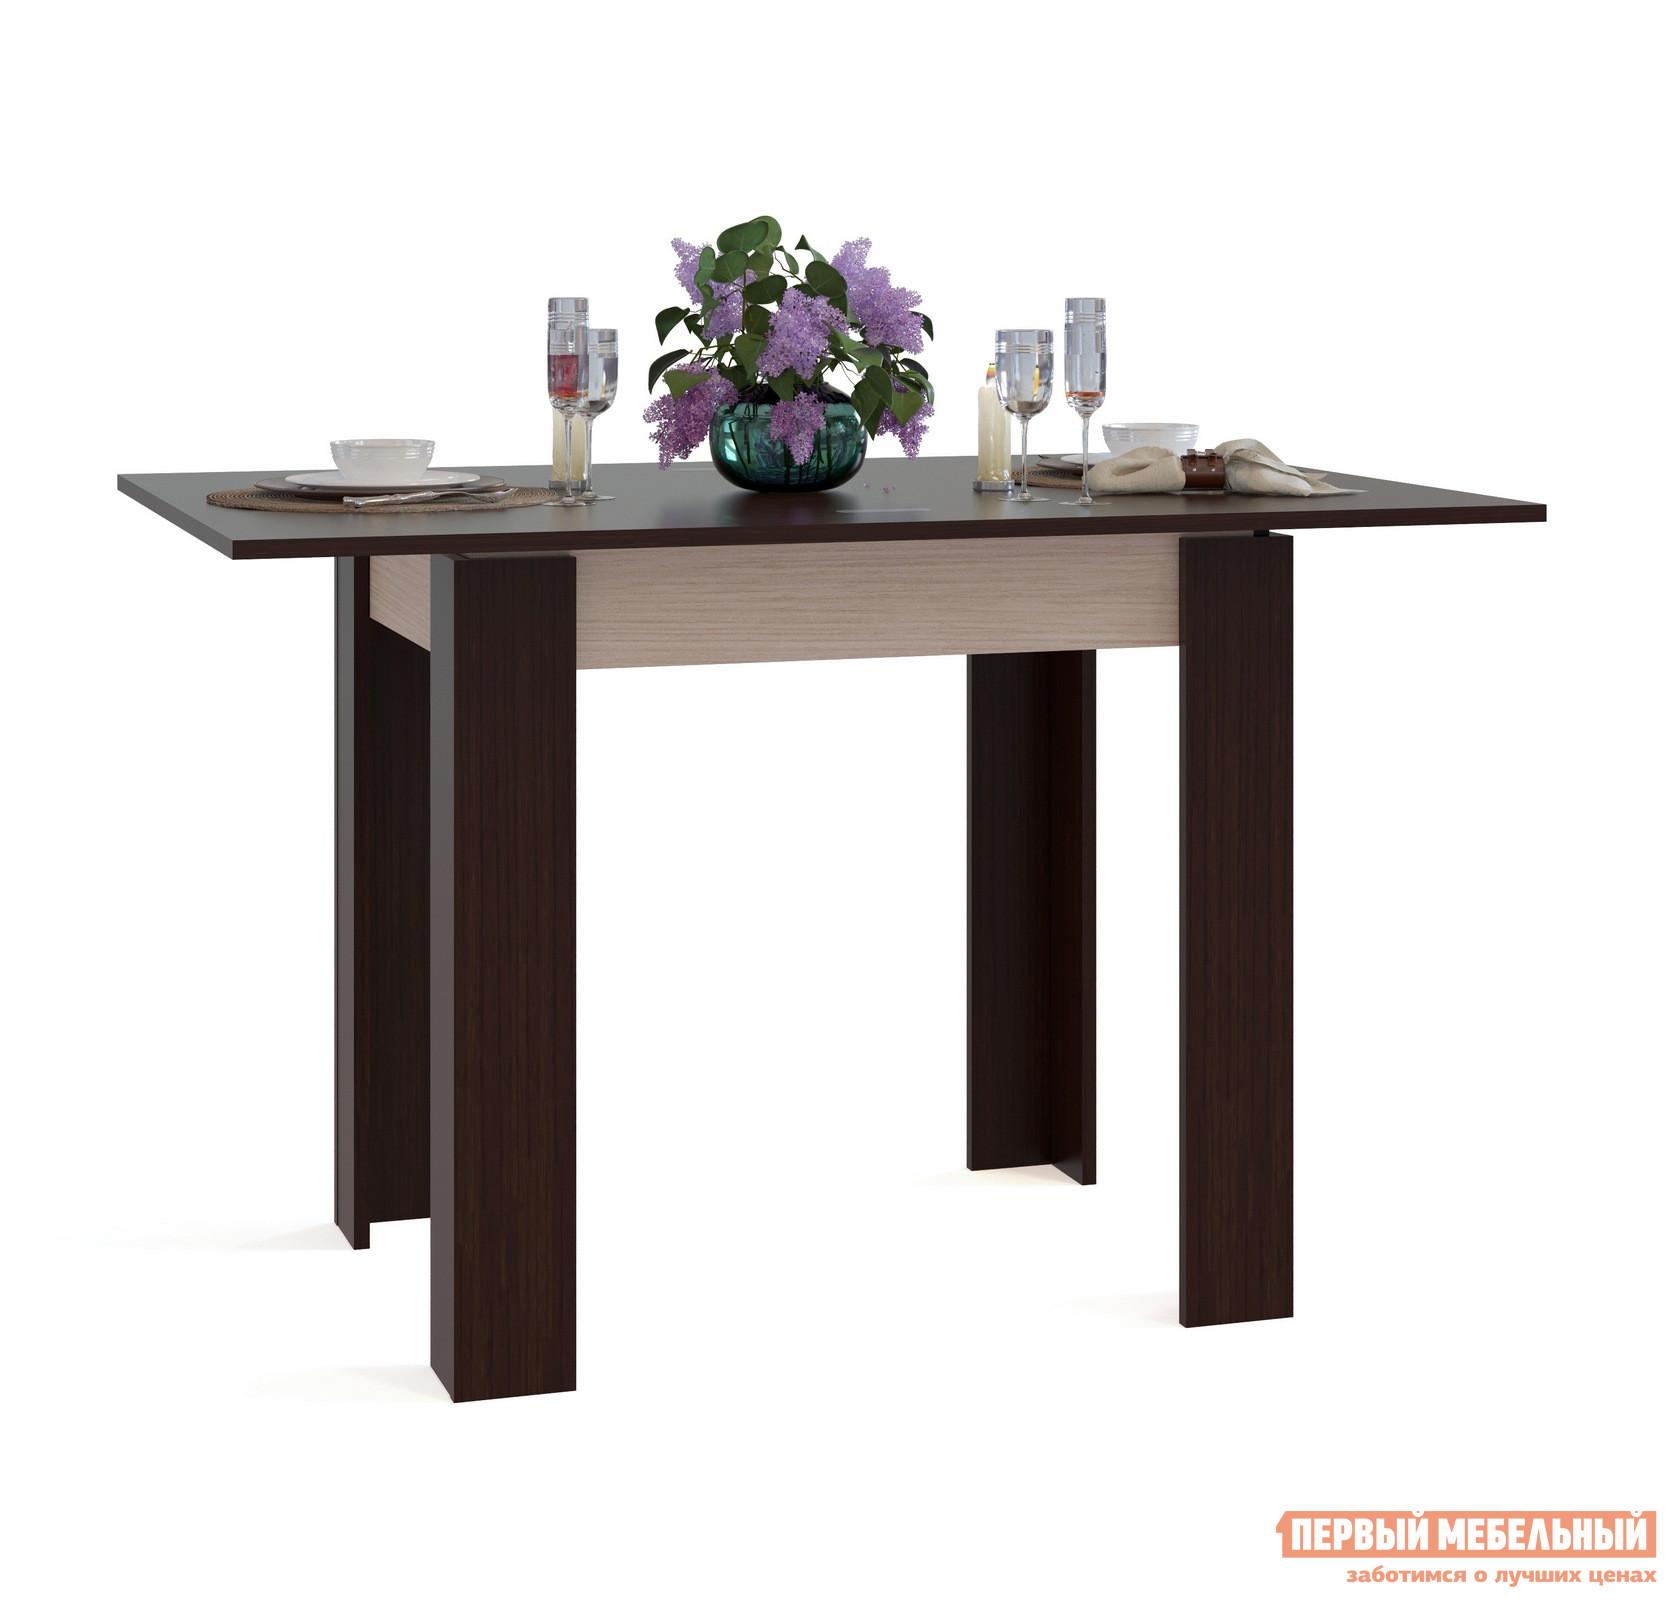 Кухонный стол Сокол СО-1 Подстолье Беленый дуб / Столешница, ножки Венге